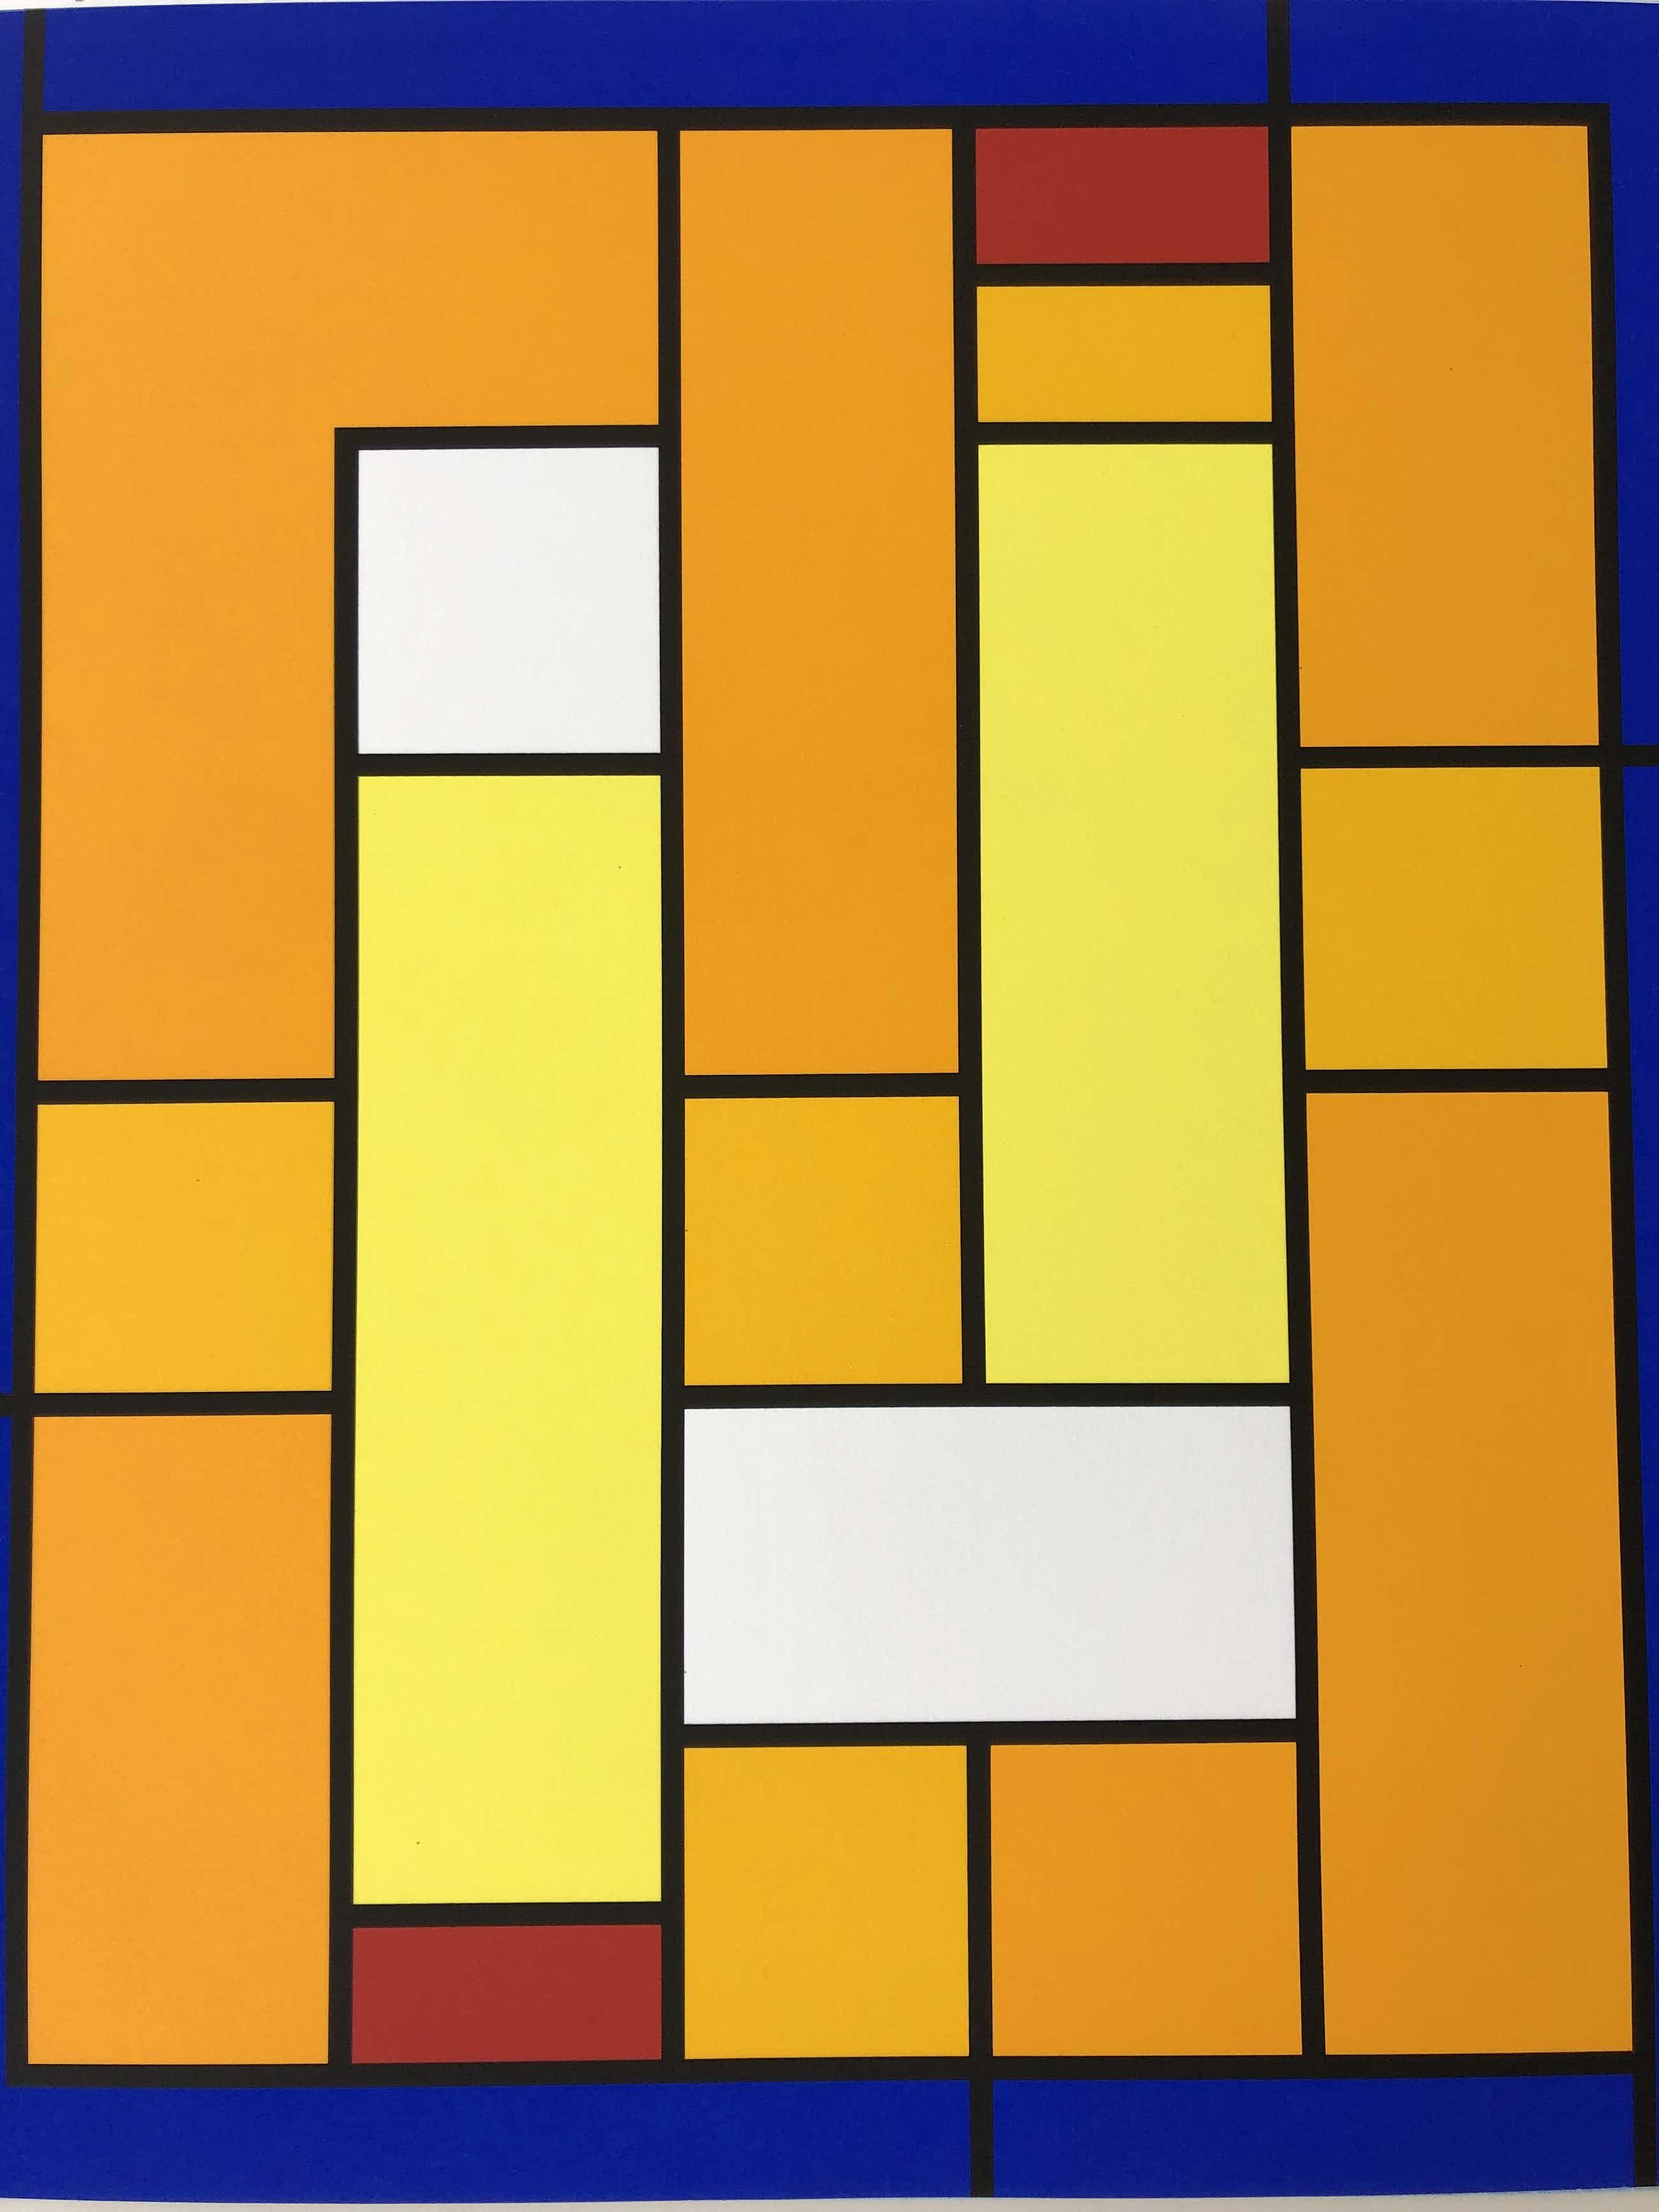 Siep van den Berg - compositie met geel, blauw, wit en rood kopen? Bied vanaf 195!